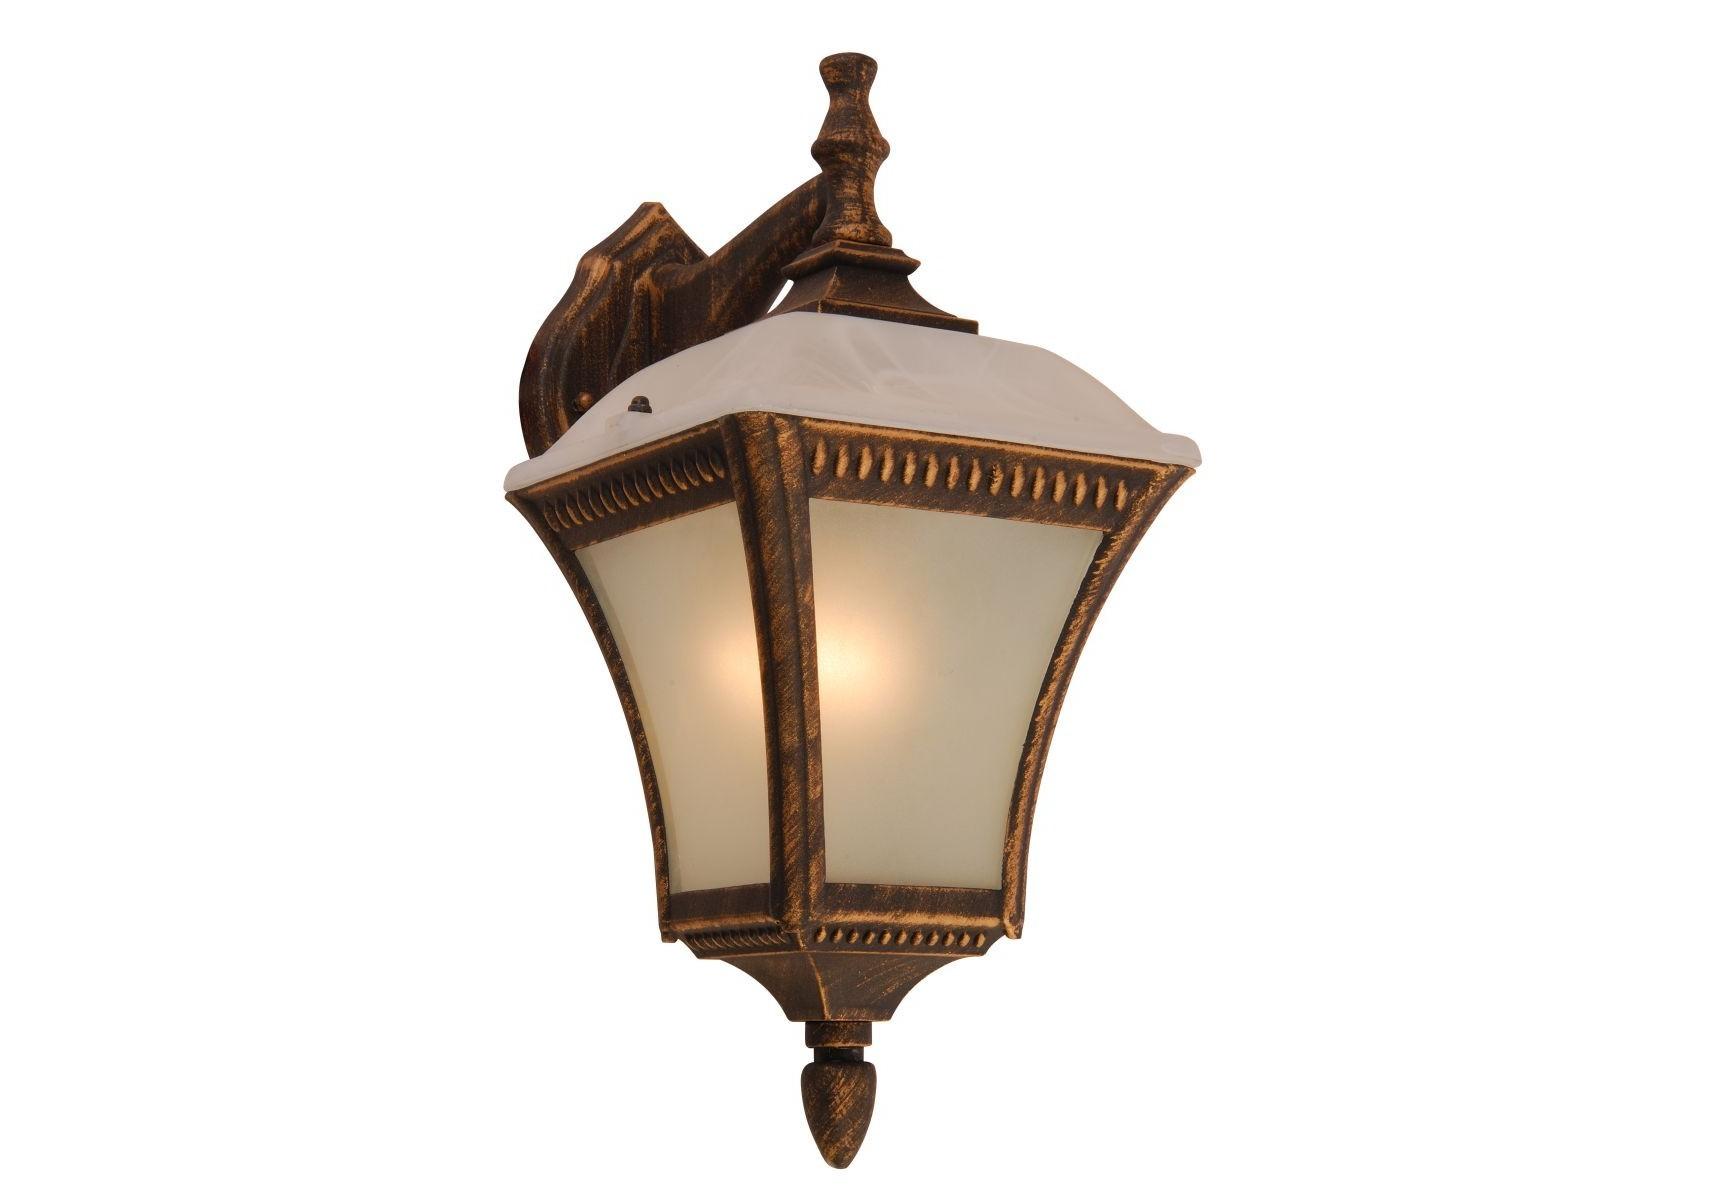 Светильник уличныйУличные настенные светильники<br>&amp;lt;div&amp;gt;Вид цоколя: Е27&amp;lt;/div&amp;gt;&amp;lt;div&amp;gt;Мощность лампы: 60W&amp;amp;nbsp;&amp;lt;/div&amp;gt;&amp;lt;div&amp;gt;Количество ламп: 1&amp;lt;/div&amp;gt;<br><br>Material: Алюминий<br>Ширина см: 18<br>Высота см: 39<br>Глубина см: 25